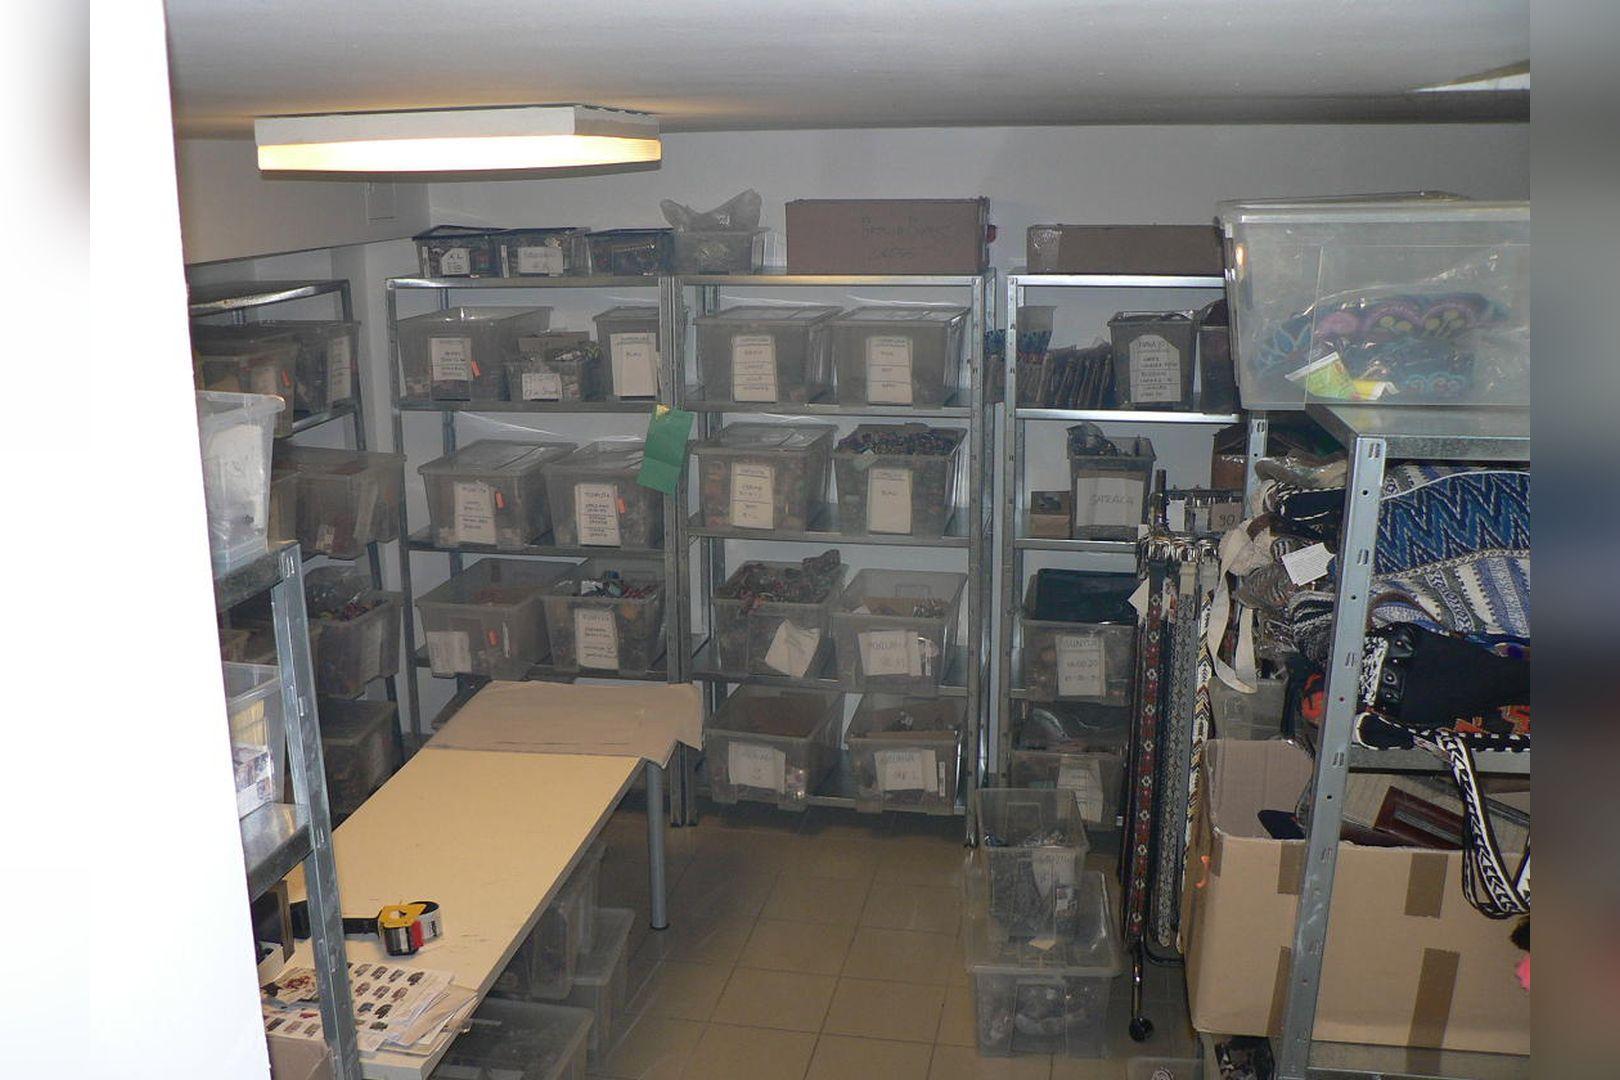 Immobilie Nr.0229 - Ladenlokal mit Lagerflächen, Teeküche, WC-Anlage u. Stellplatz - Bild 15.jpg